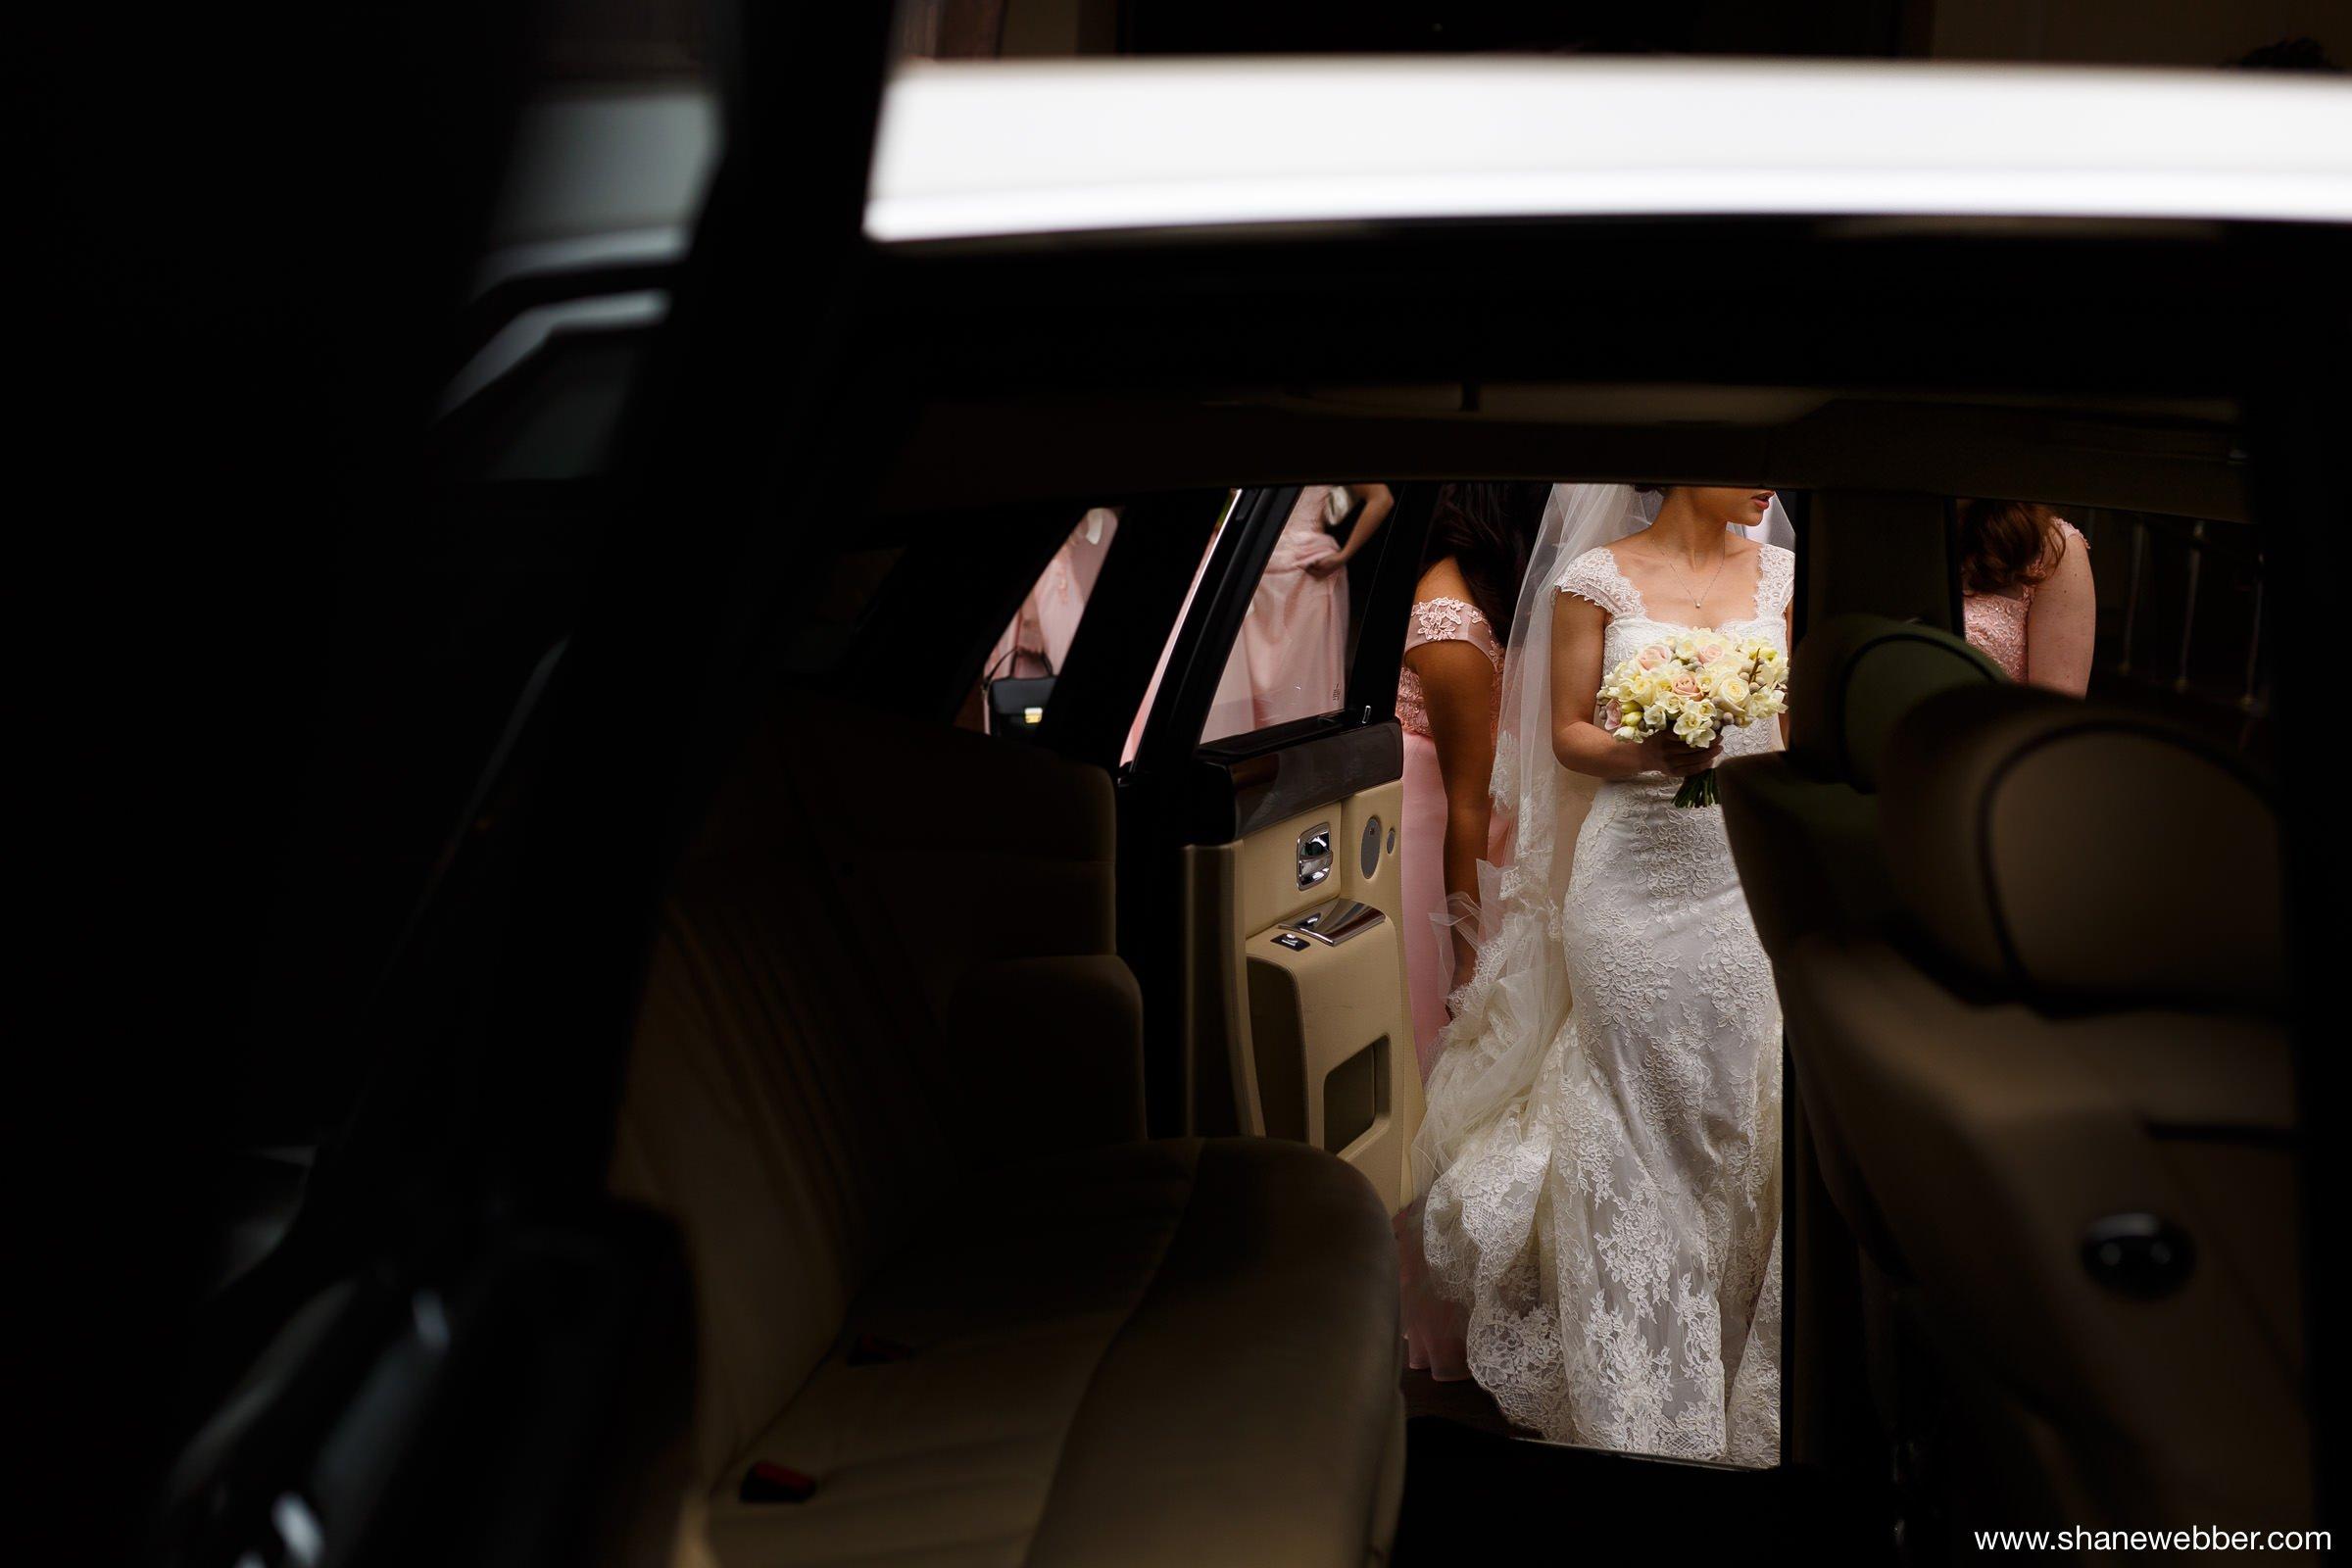 Getting into wedding car